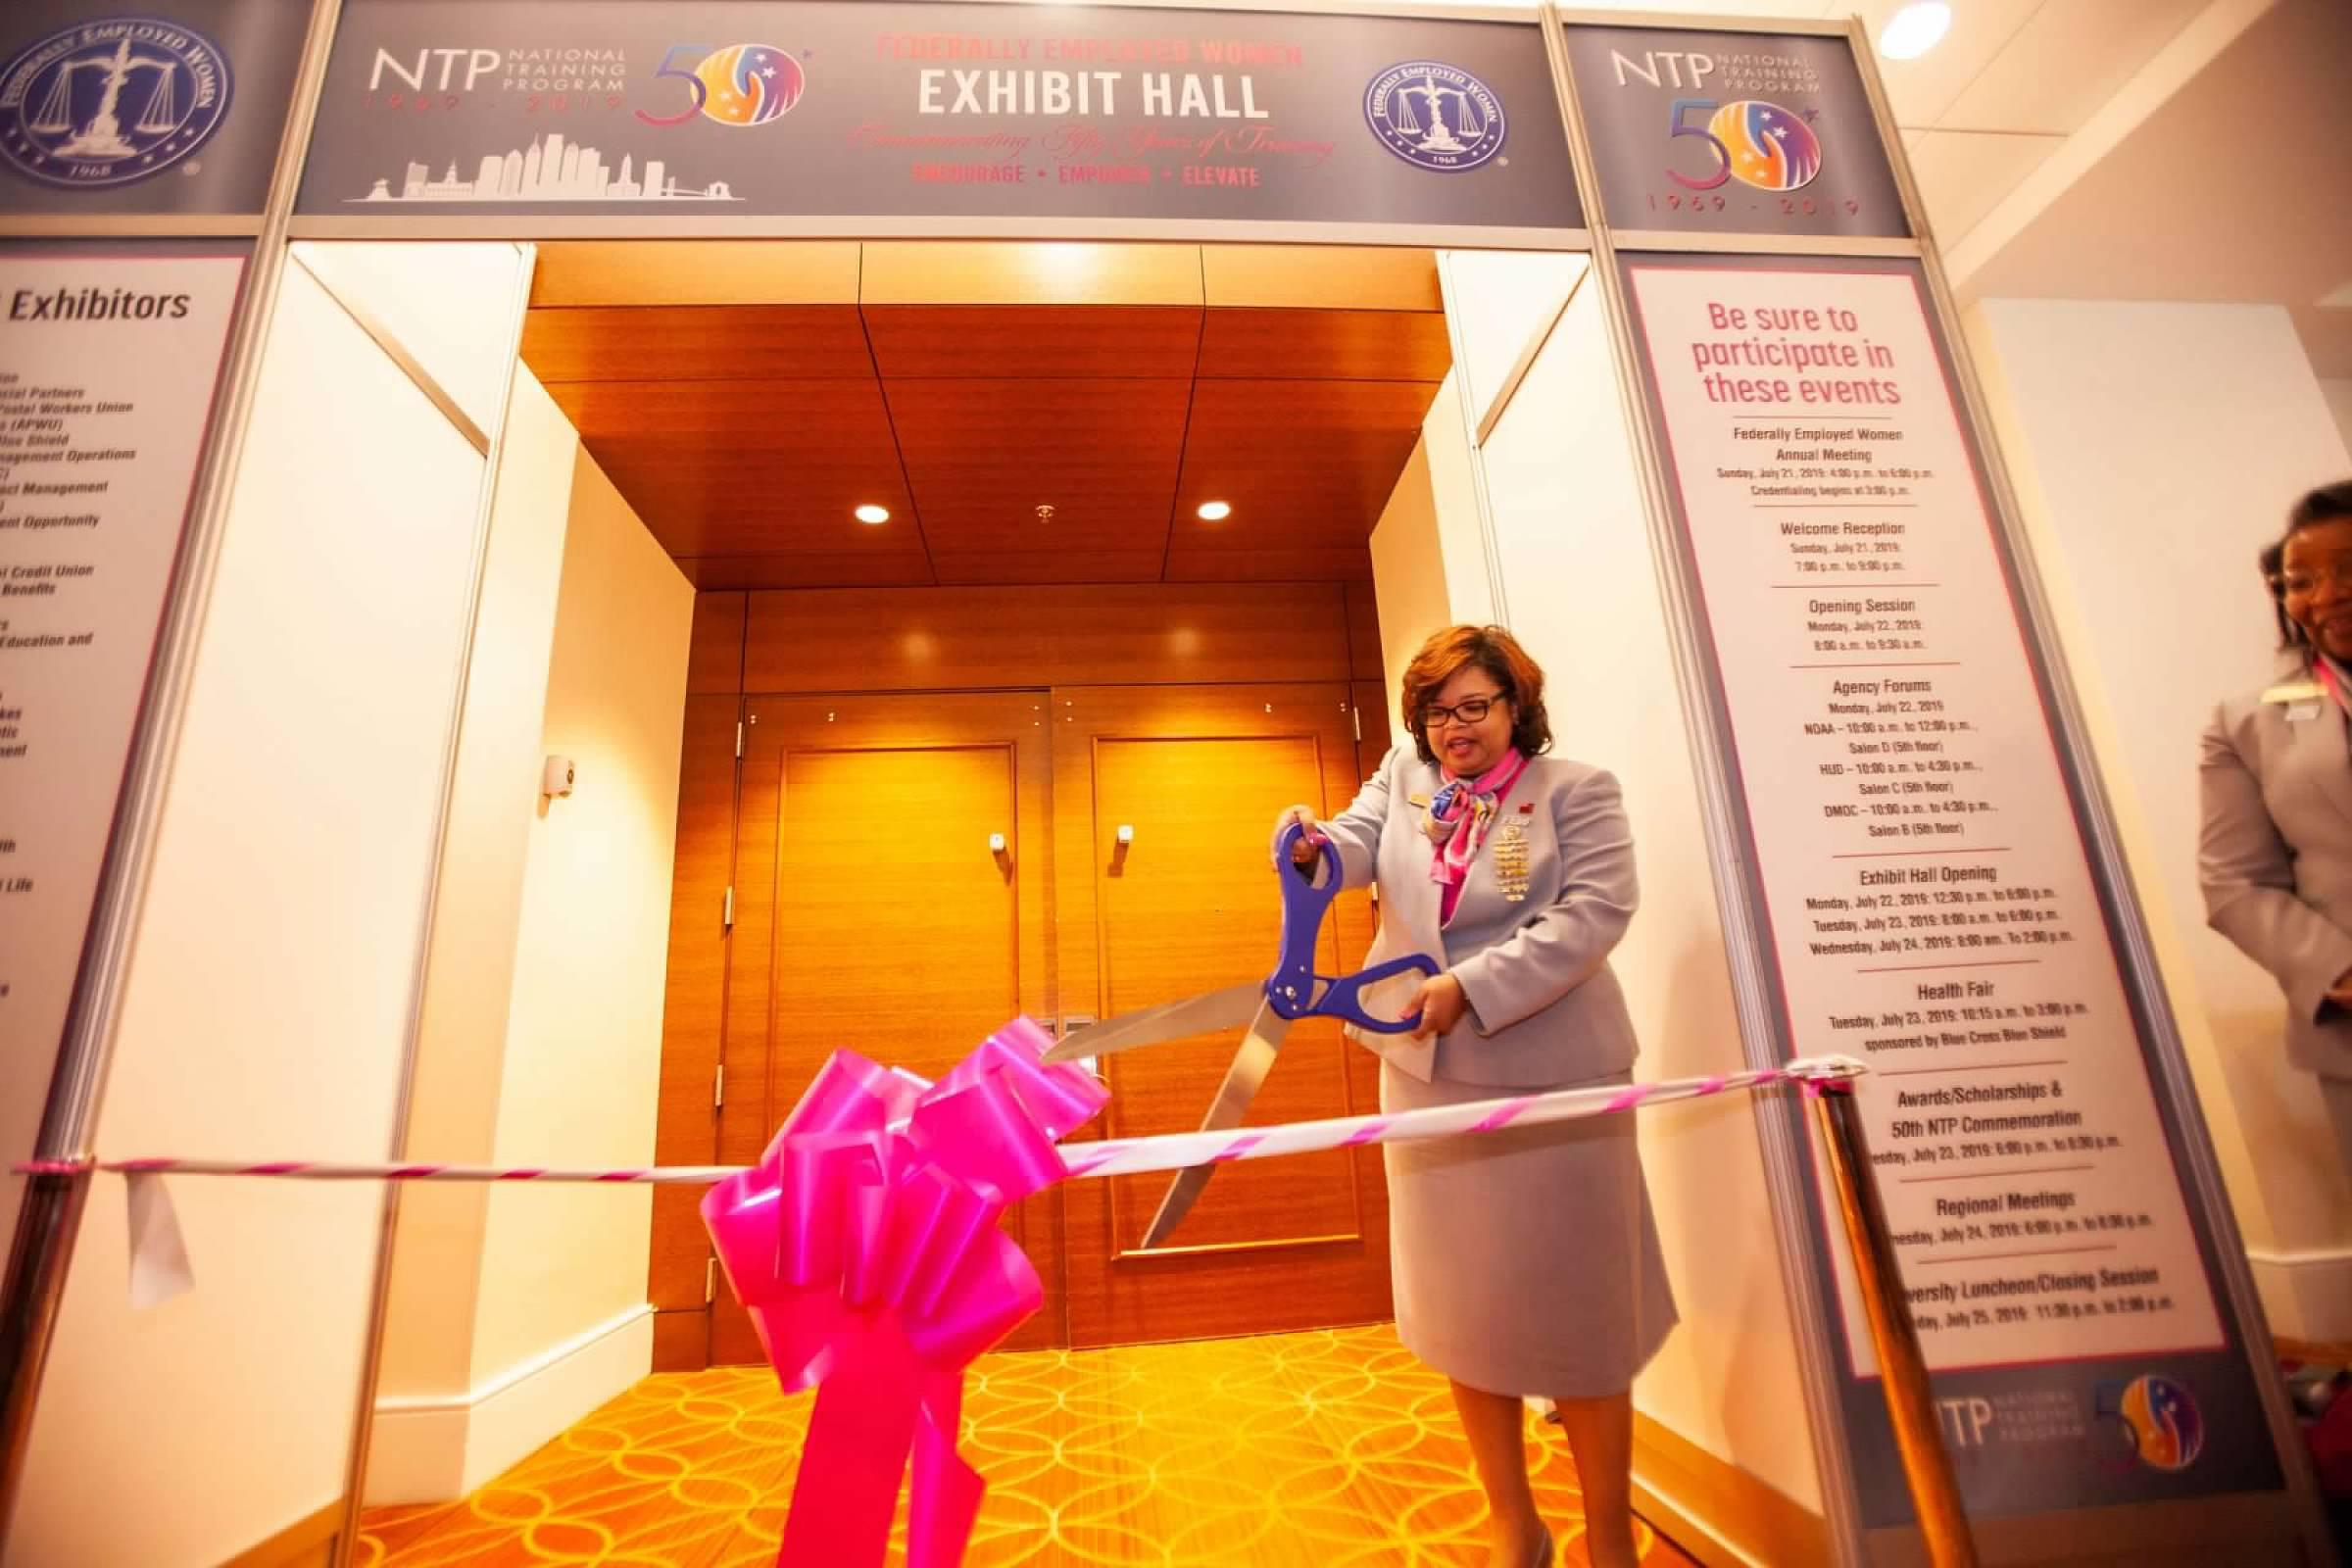 2019 Exhibit Hall